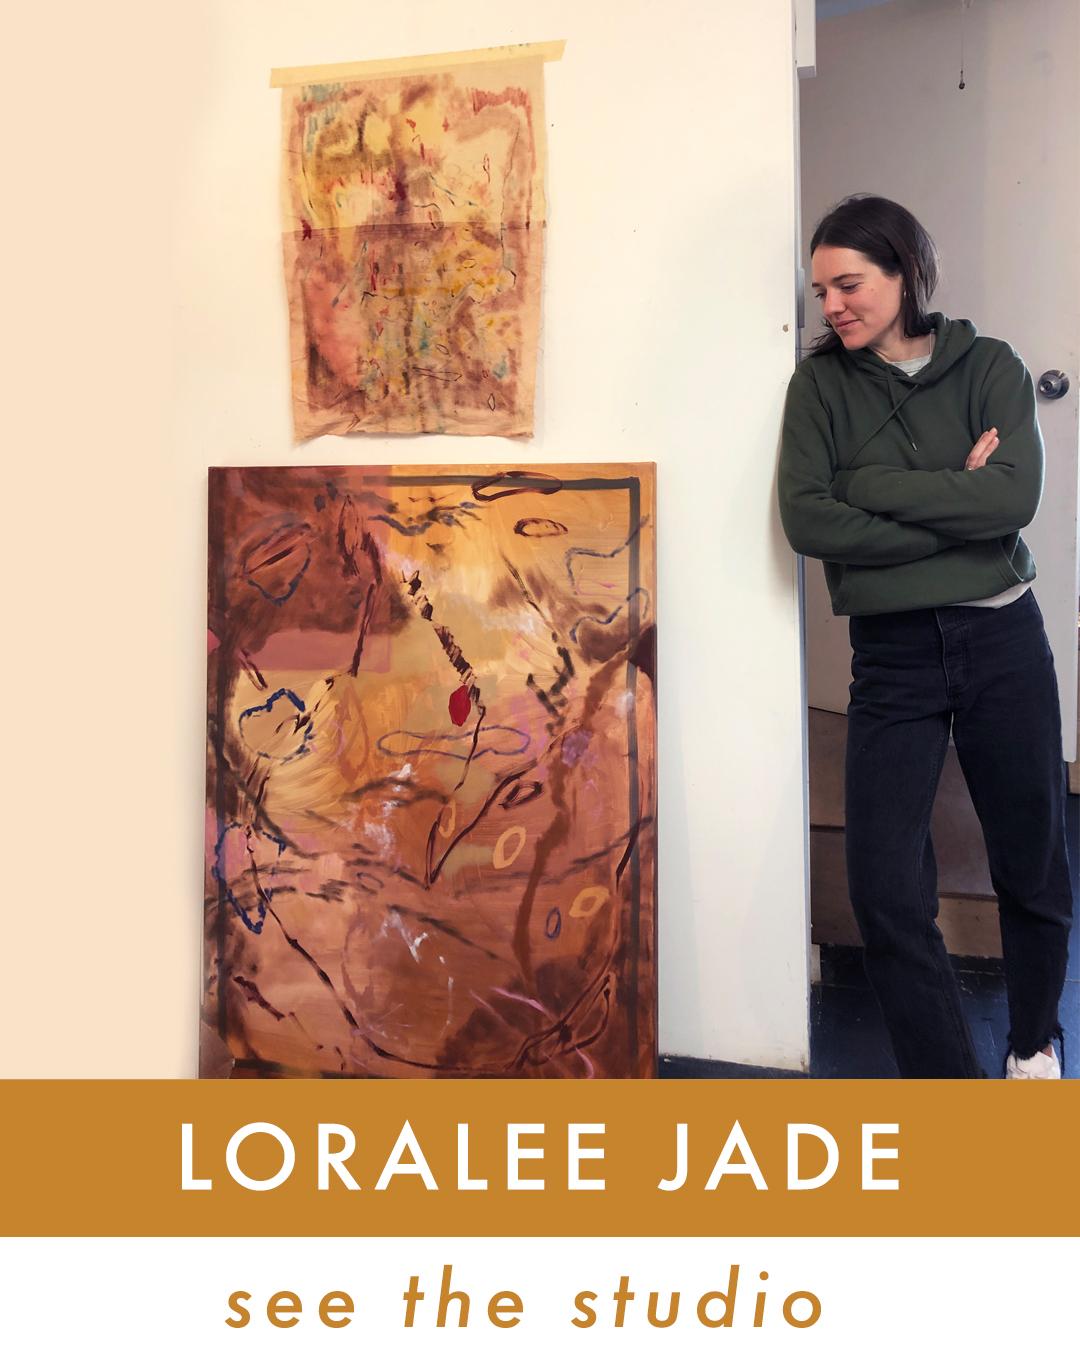 LORALEE JADE